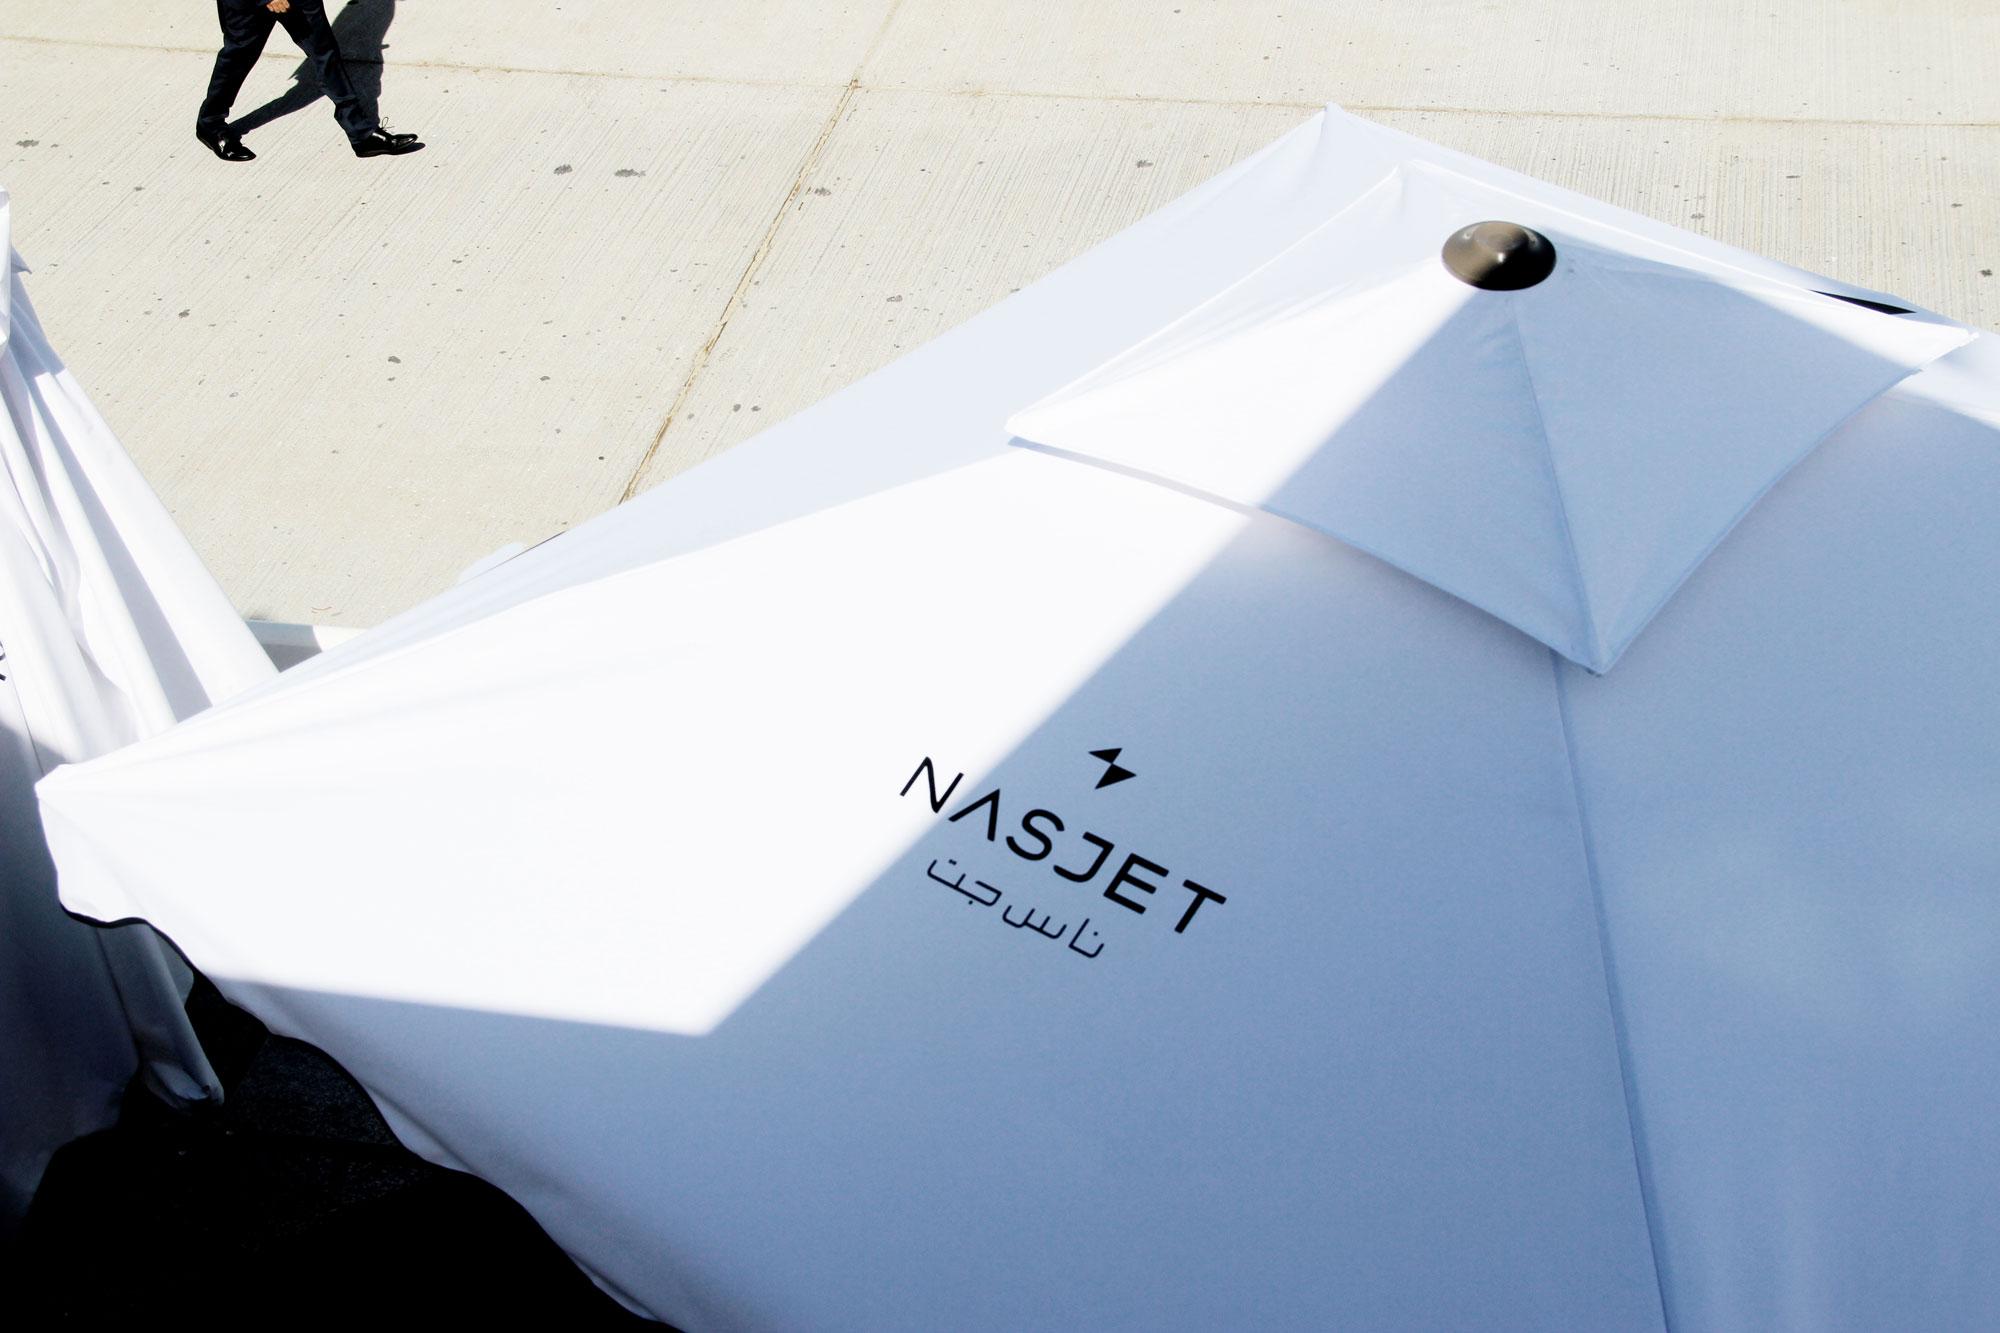 NasJet-Work-By-YaStudio-20